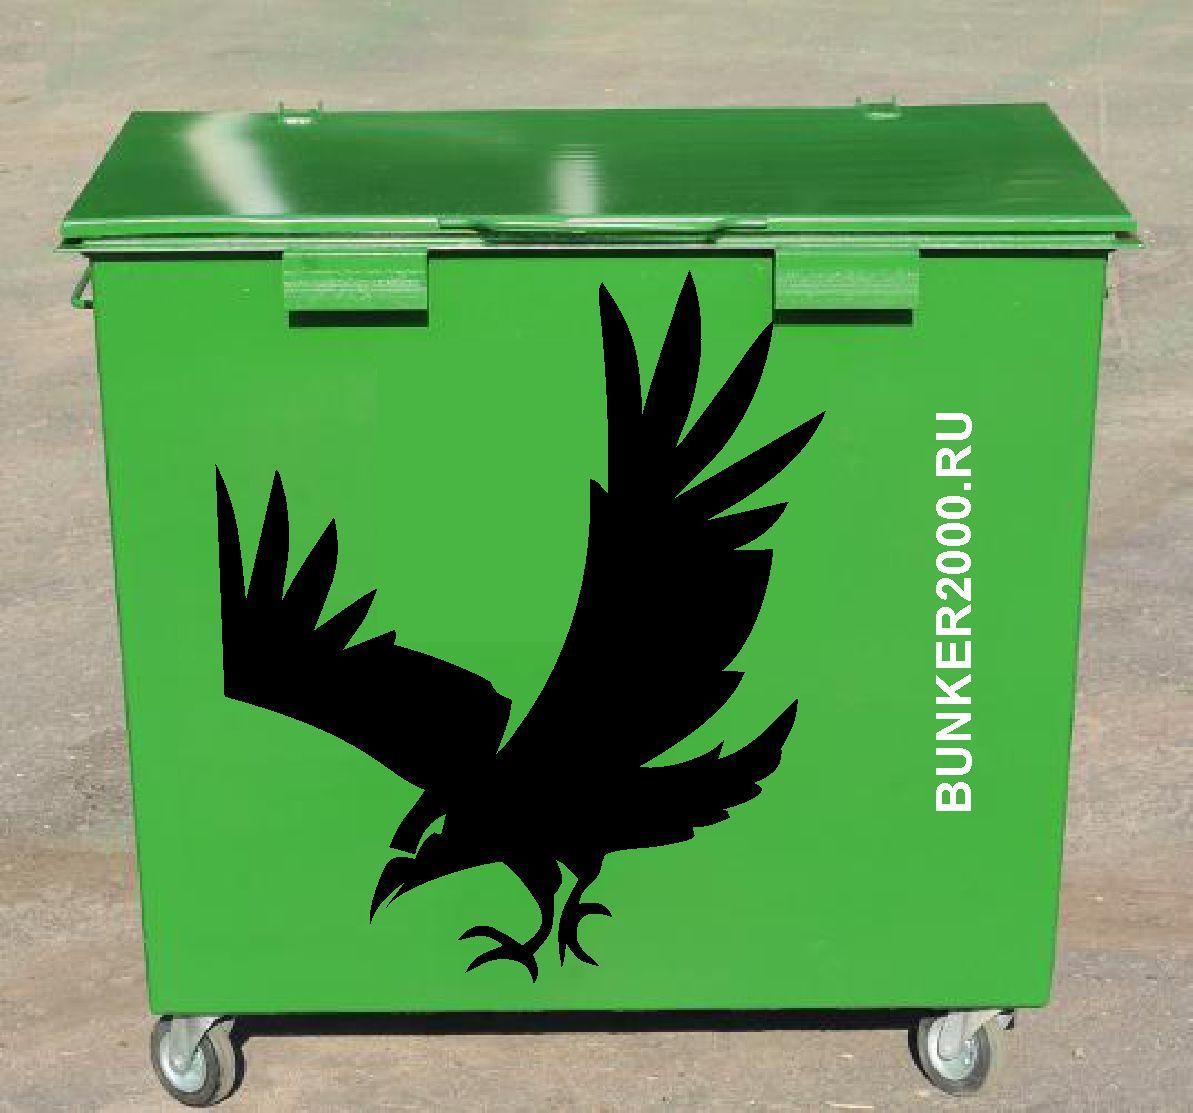 Шаблон раскраски мусорных контейнеров и бункеров - дизайнер Krasivayav